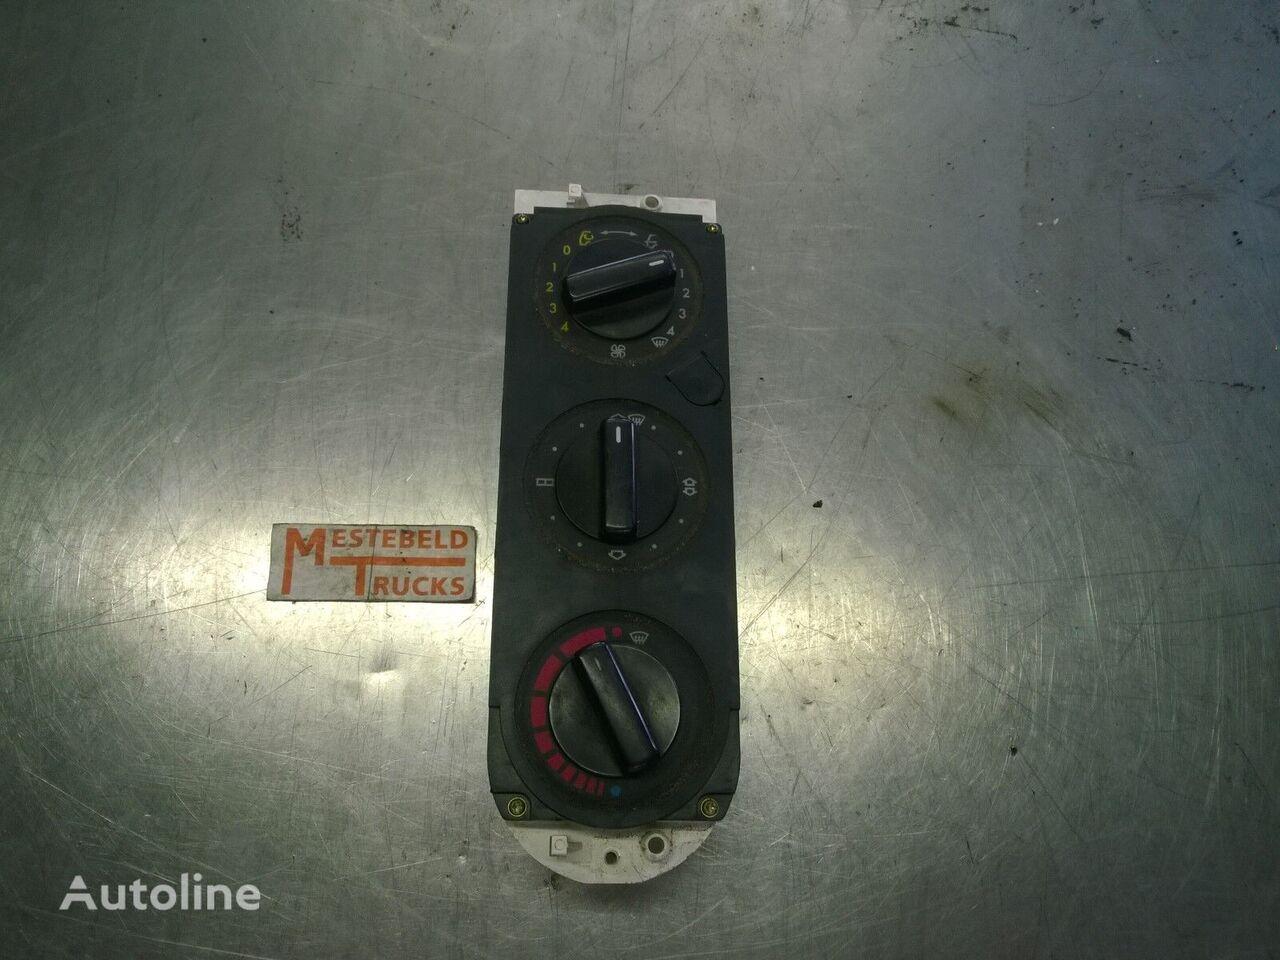 MERCEDES-BENZ Kachelregelunit cuadro de instrumentos para MERCEDES-BENZ Kachelregelunit camión